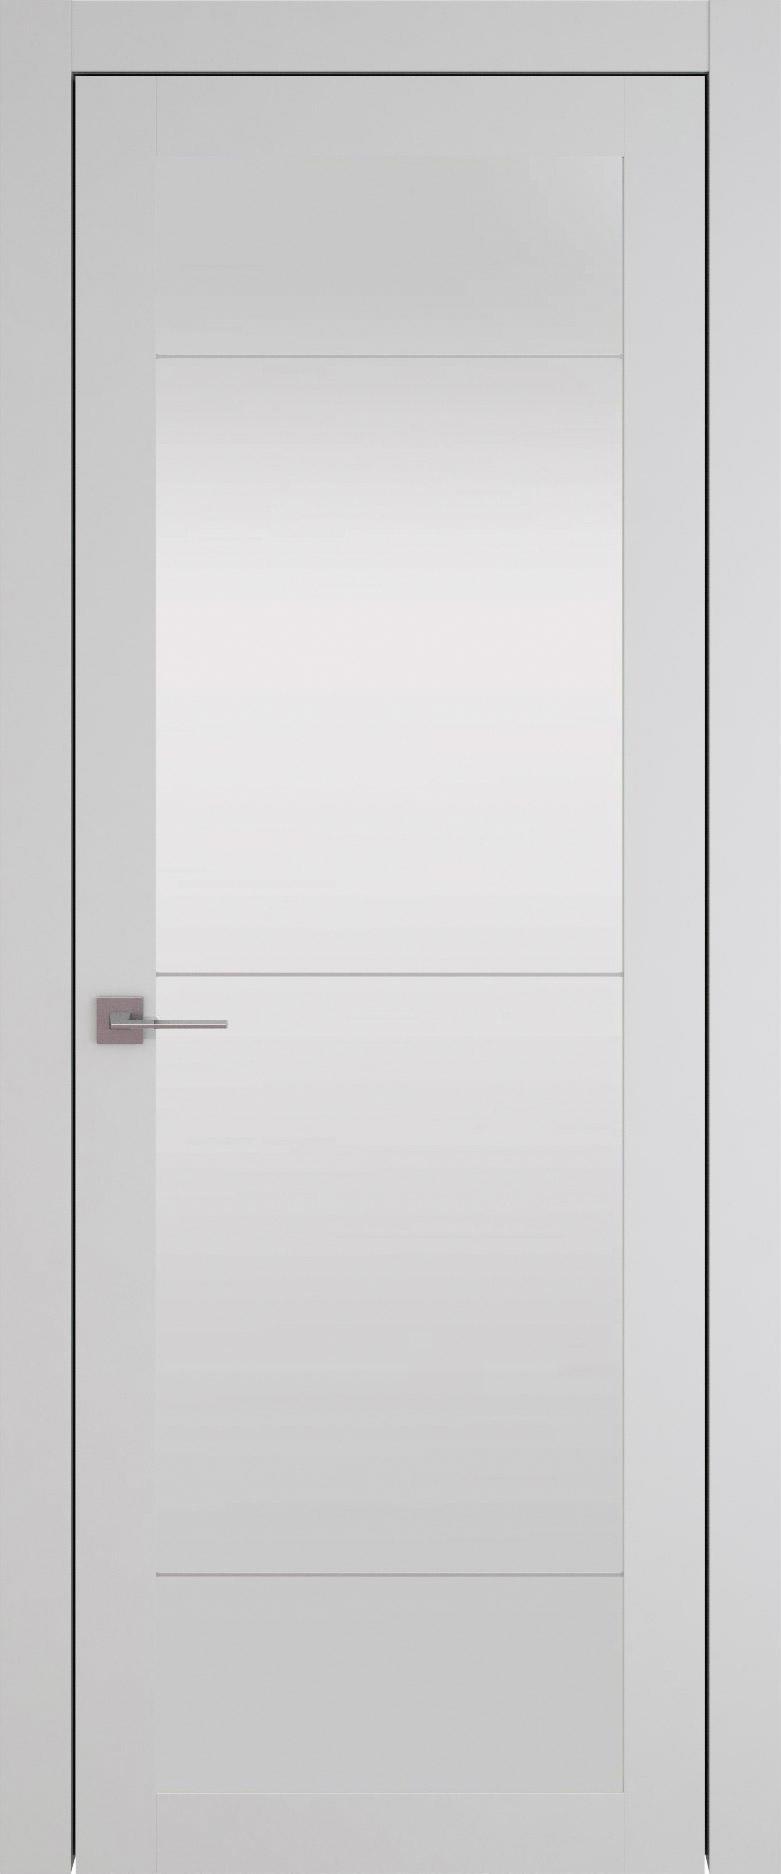 Tivoli З-3 цвет - Серая эмаль (RAL 7047) Со стеклом (ДО)